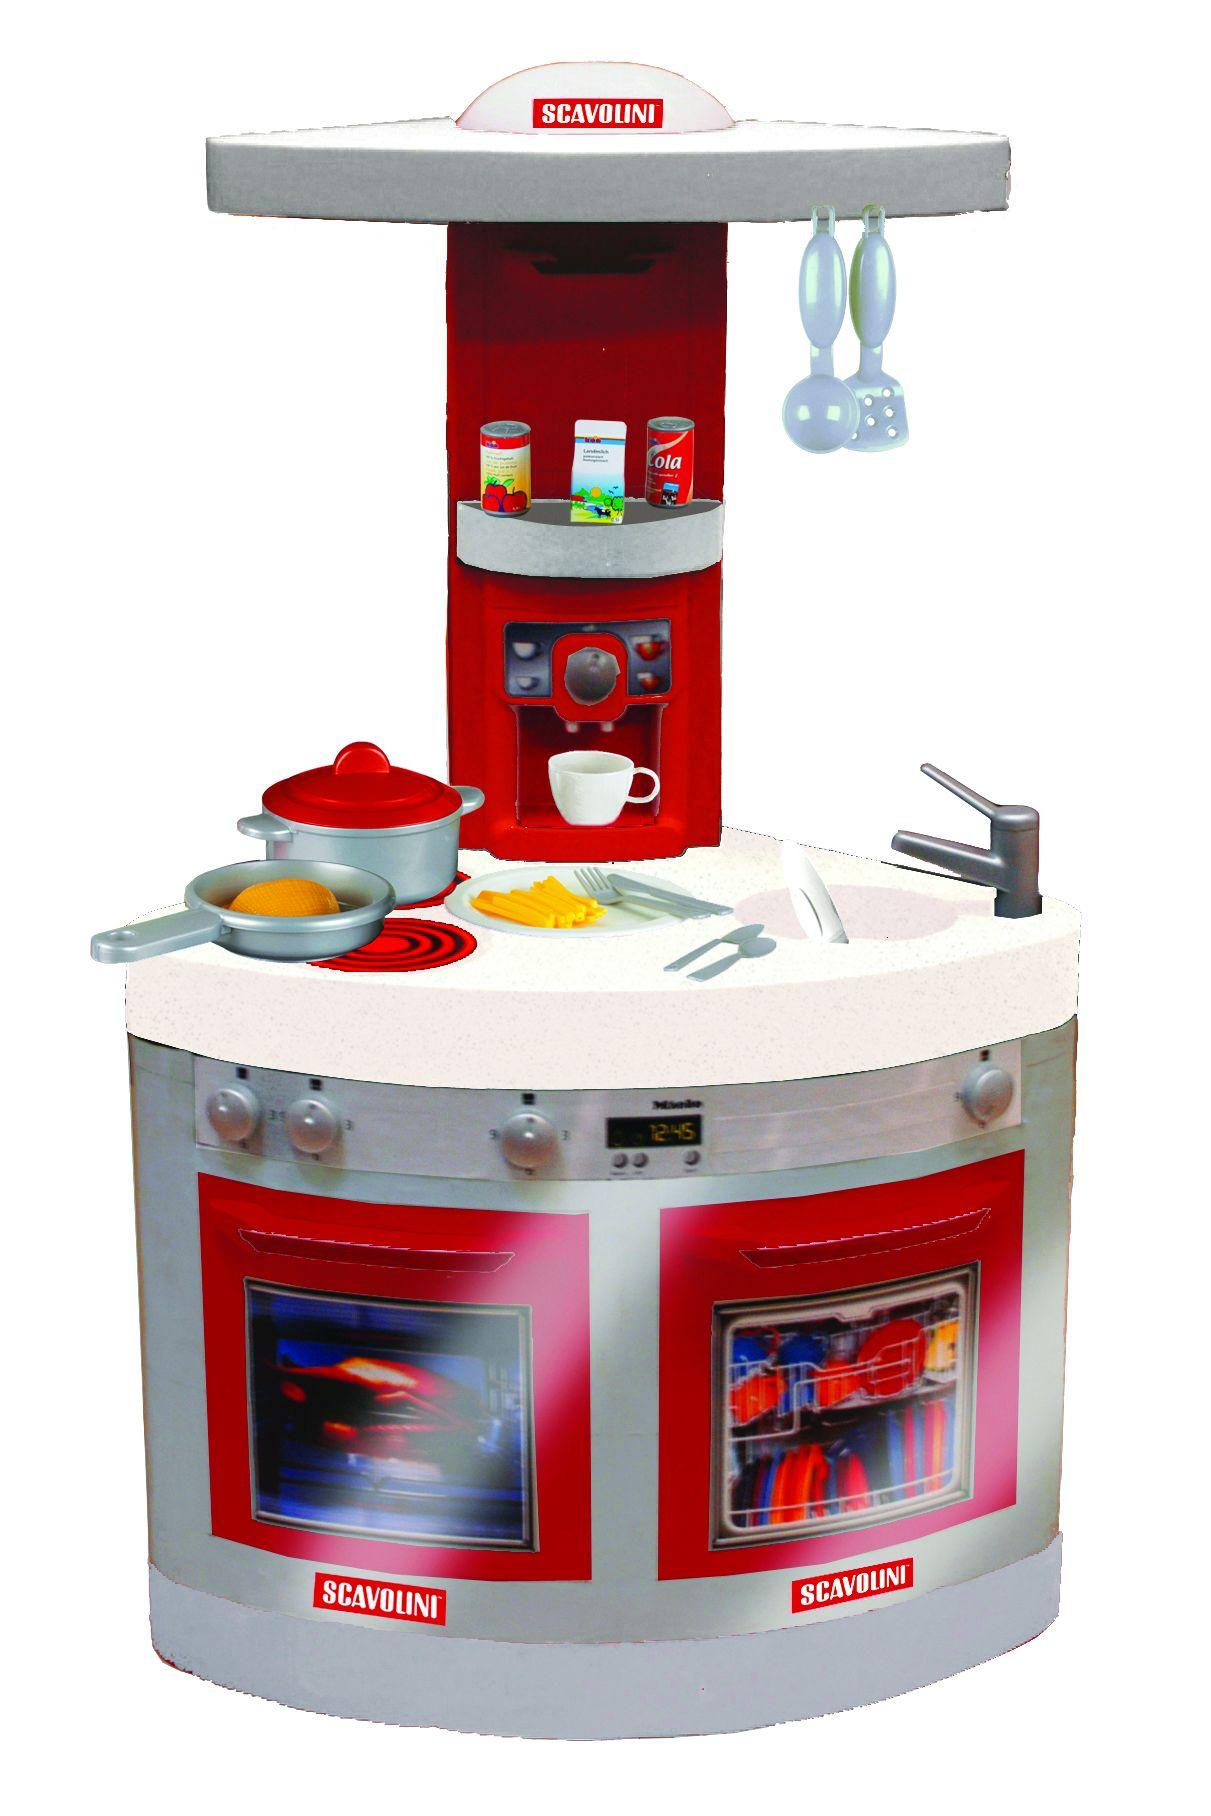 CUCINA ANGOLARE SCAVOLINI - Cucine e accessori per cucina - Giochi di  emulazione, di modellismo, educativi - Giocattoli